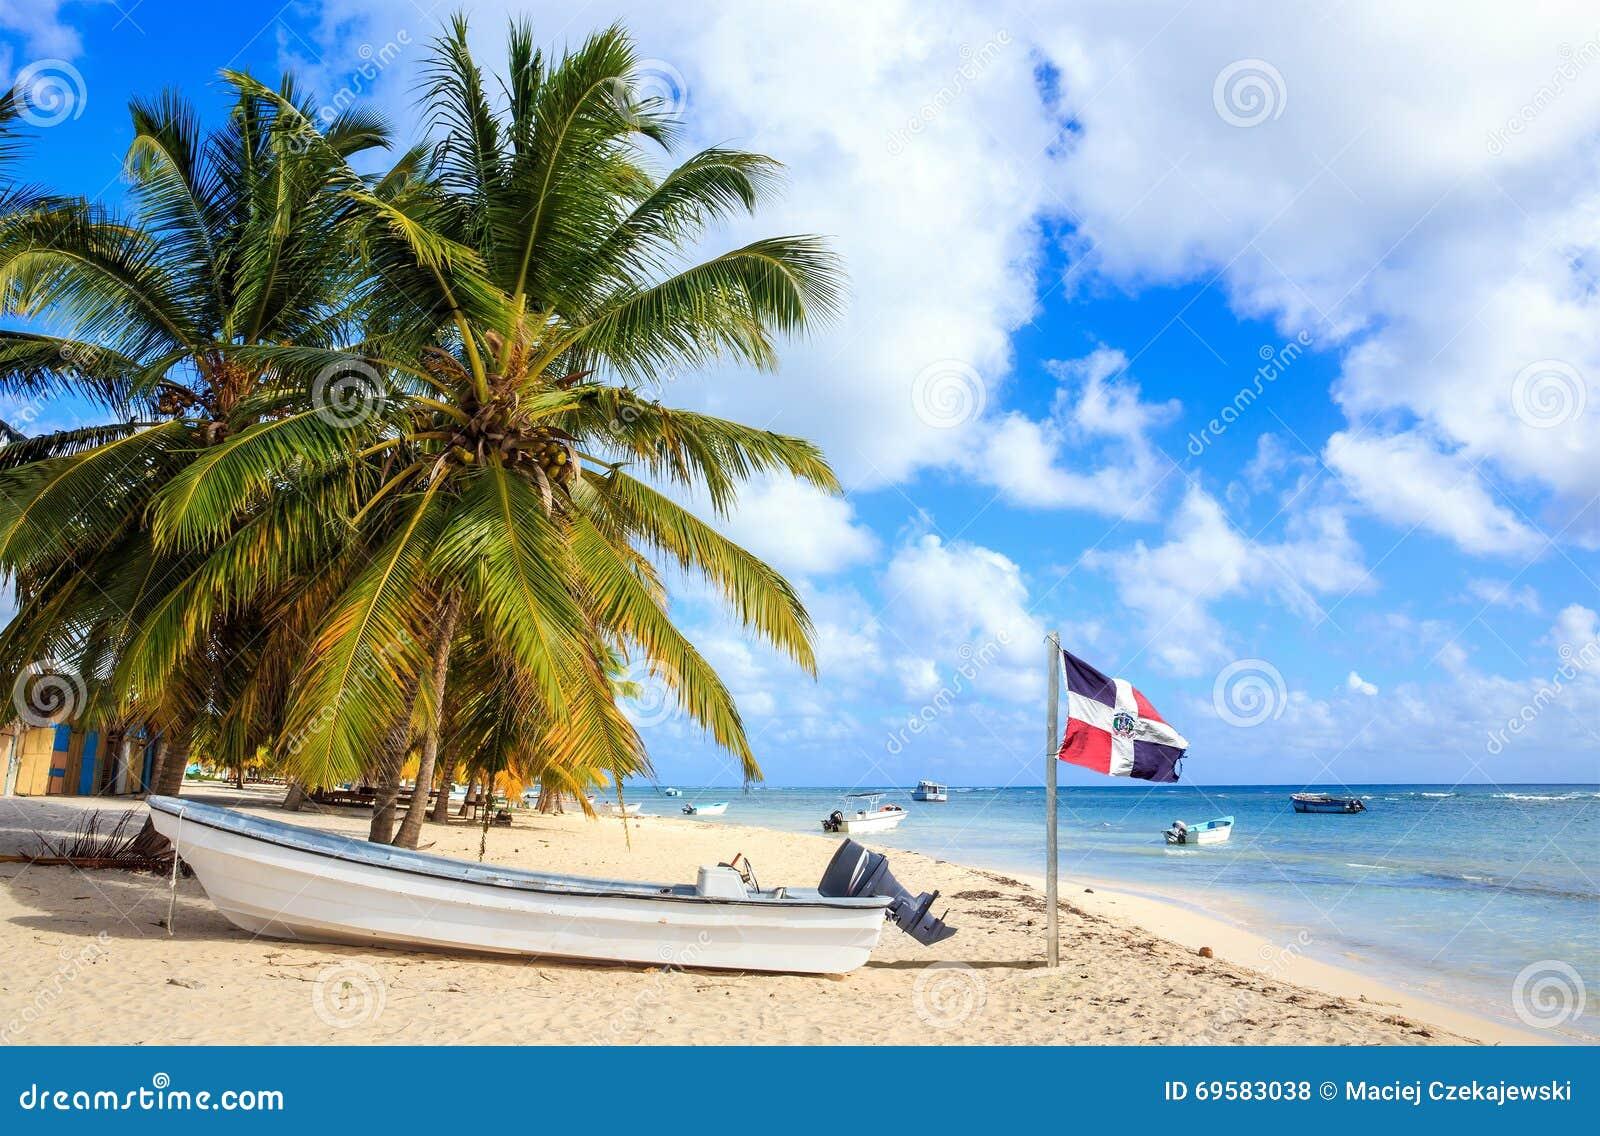 Καραϊβική παραλία στη Δομινικανή Δημοκρατία